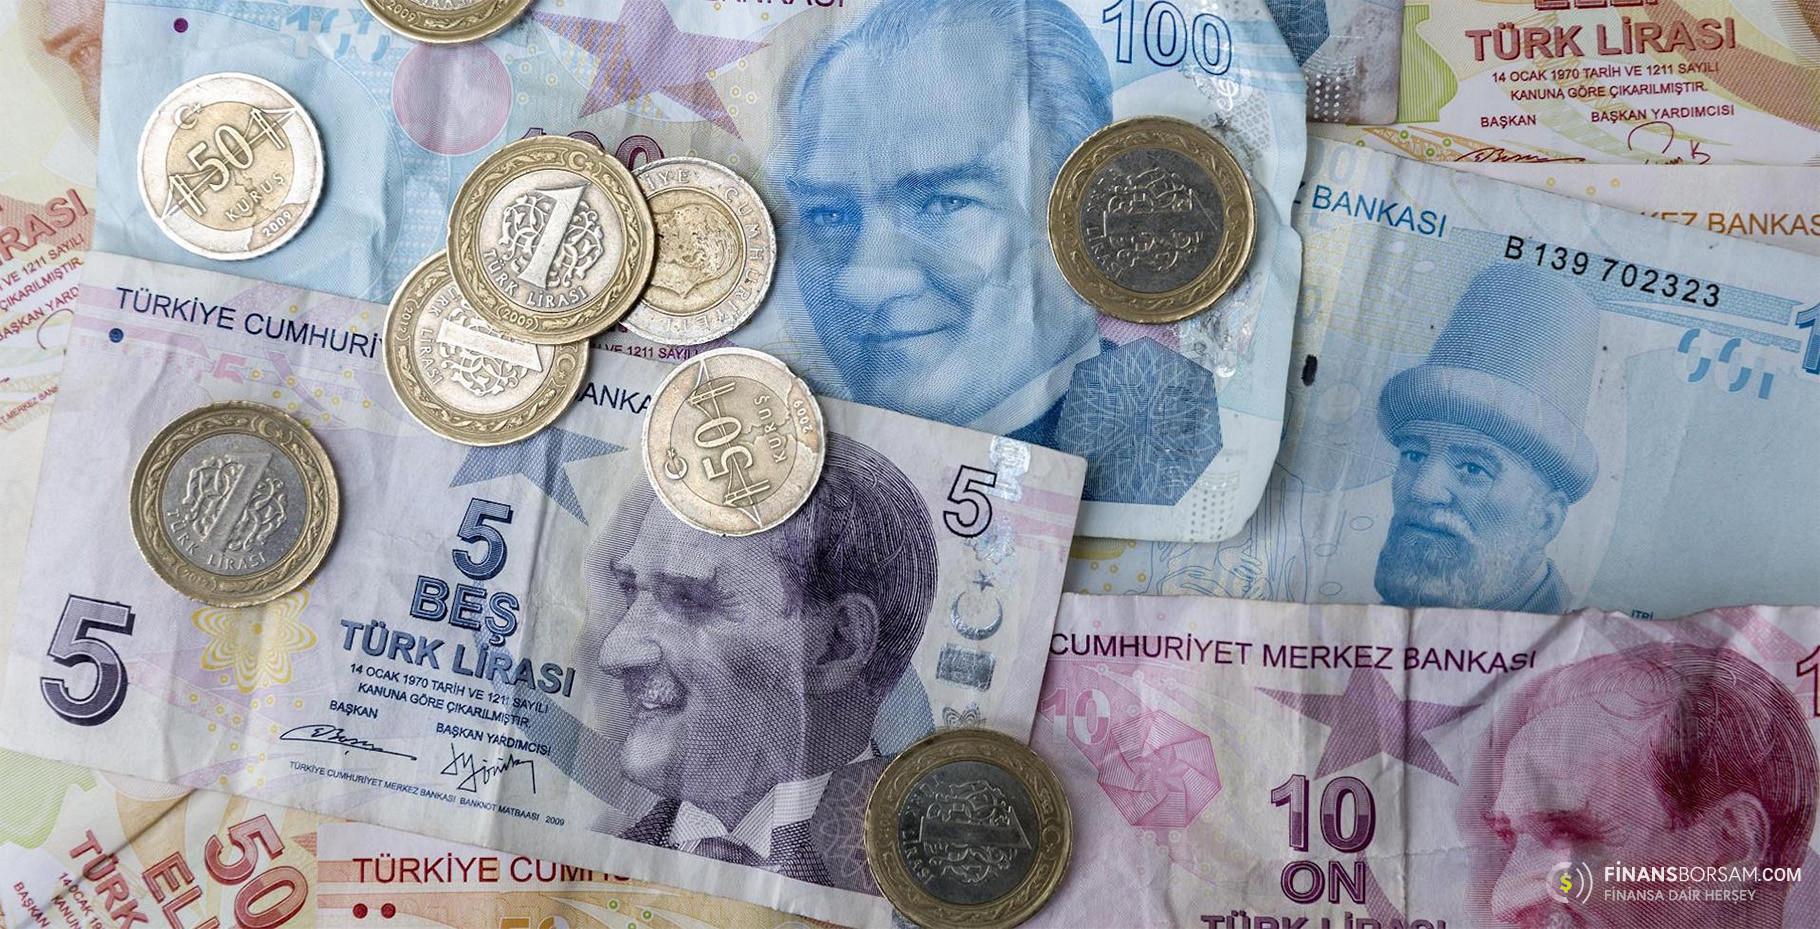 Asgari ücret ne zaman belli olacak? Yeni yılda asgari ücret ne kadar olacak? | 2021 tahminleri